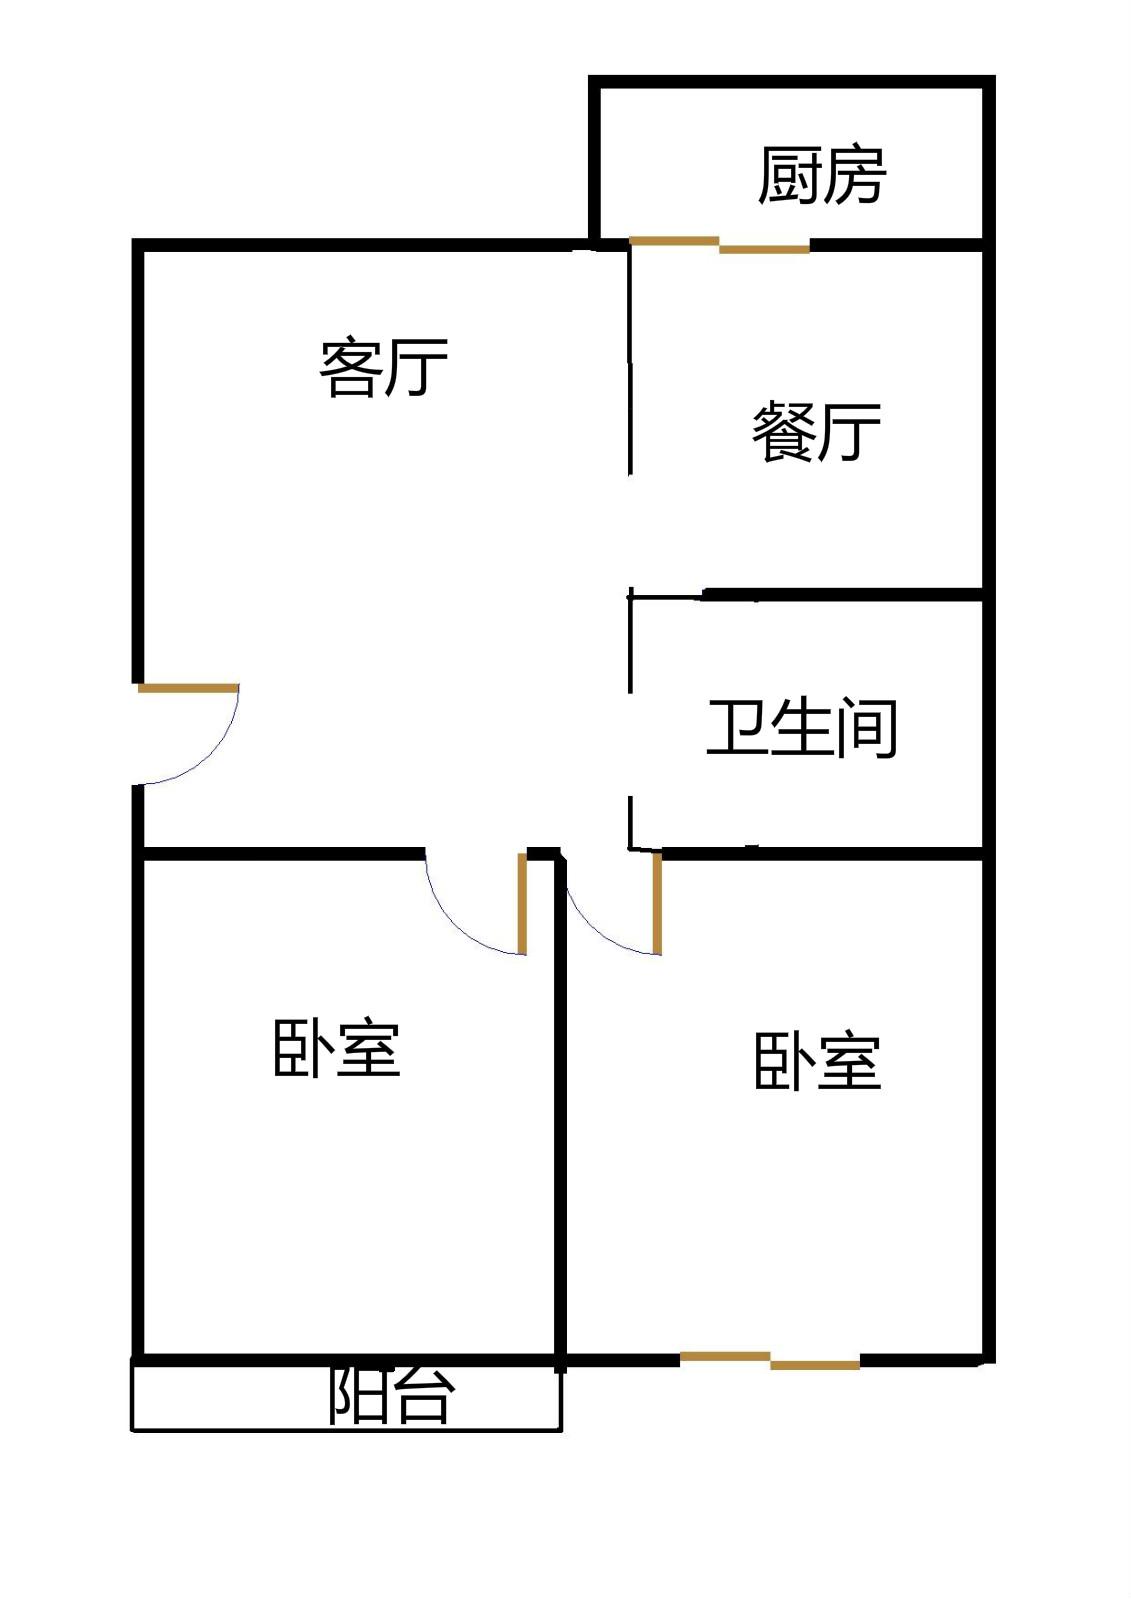 邮电小区(东风东路) 2室2厅 5楼